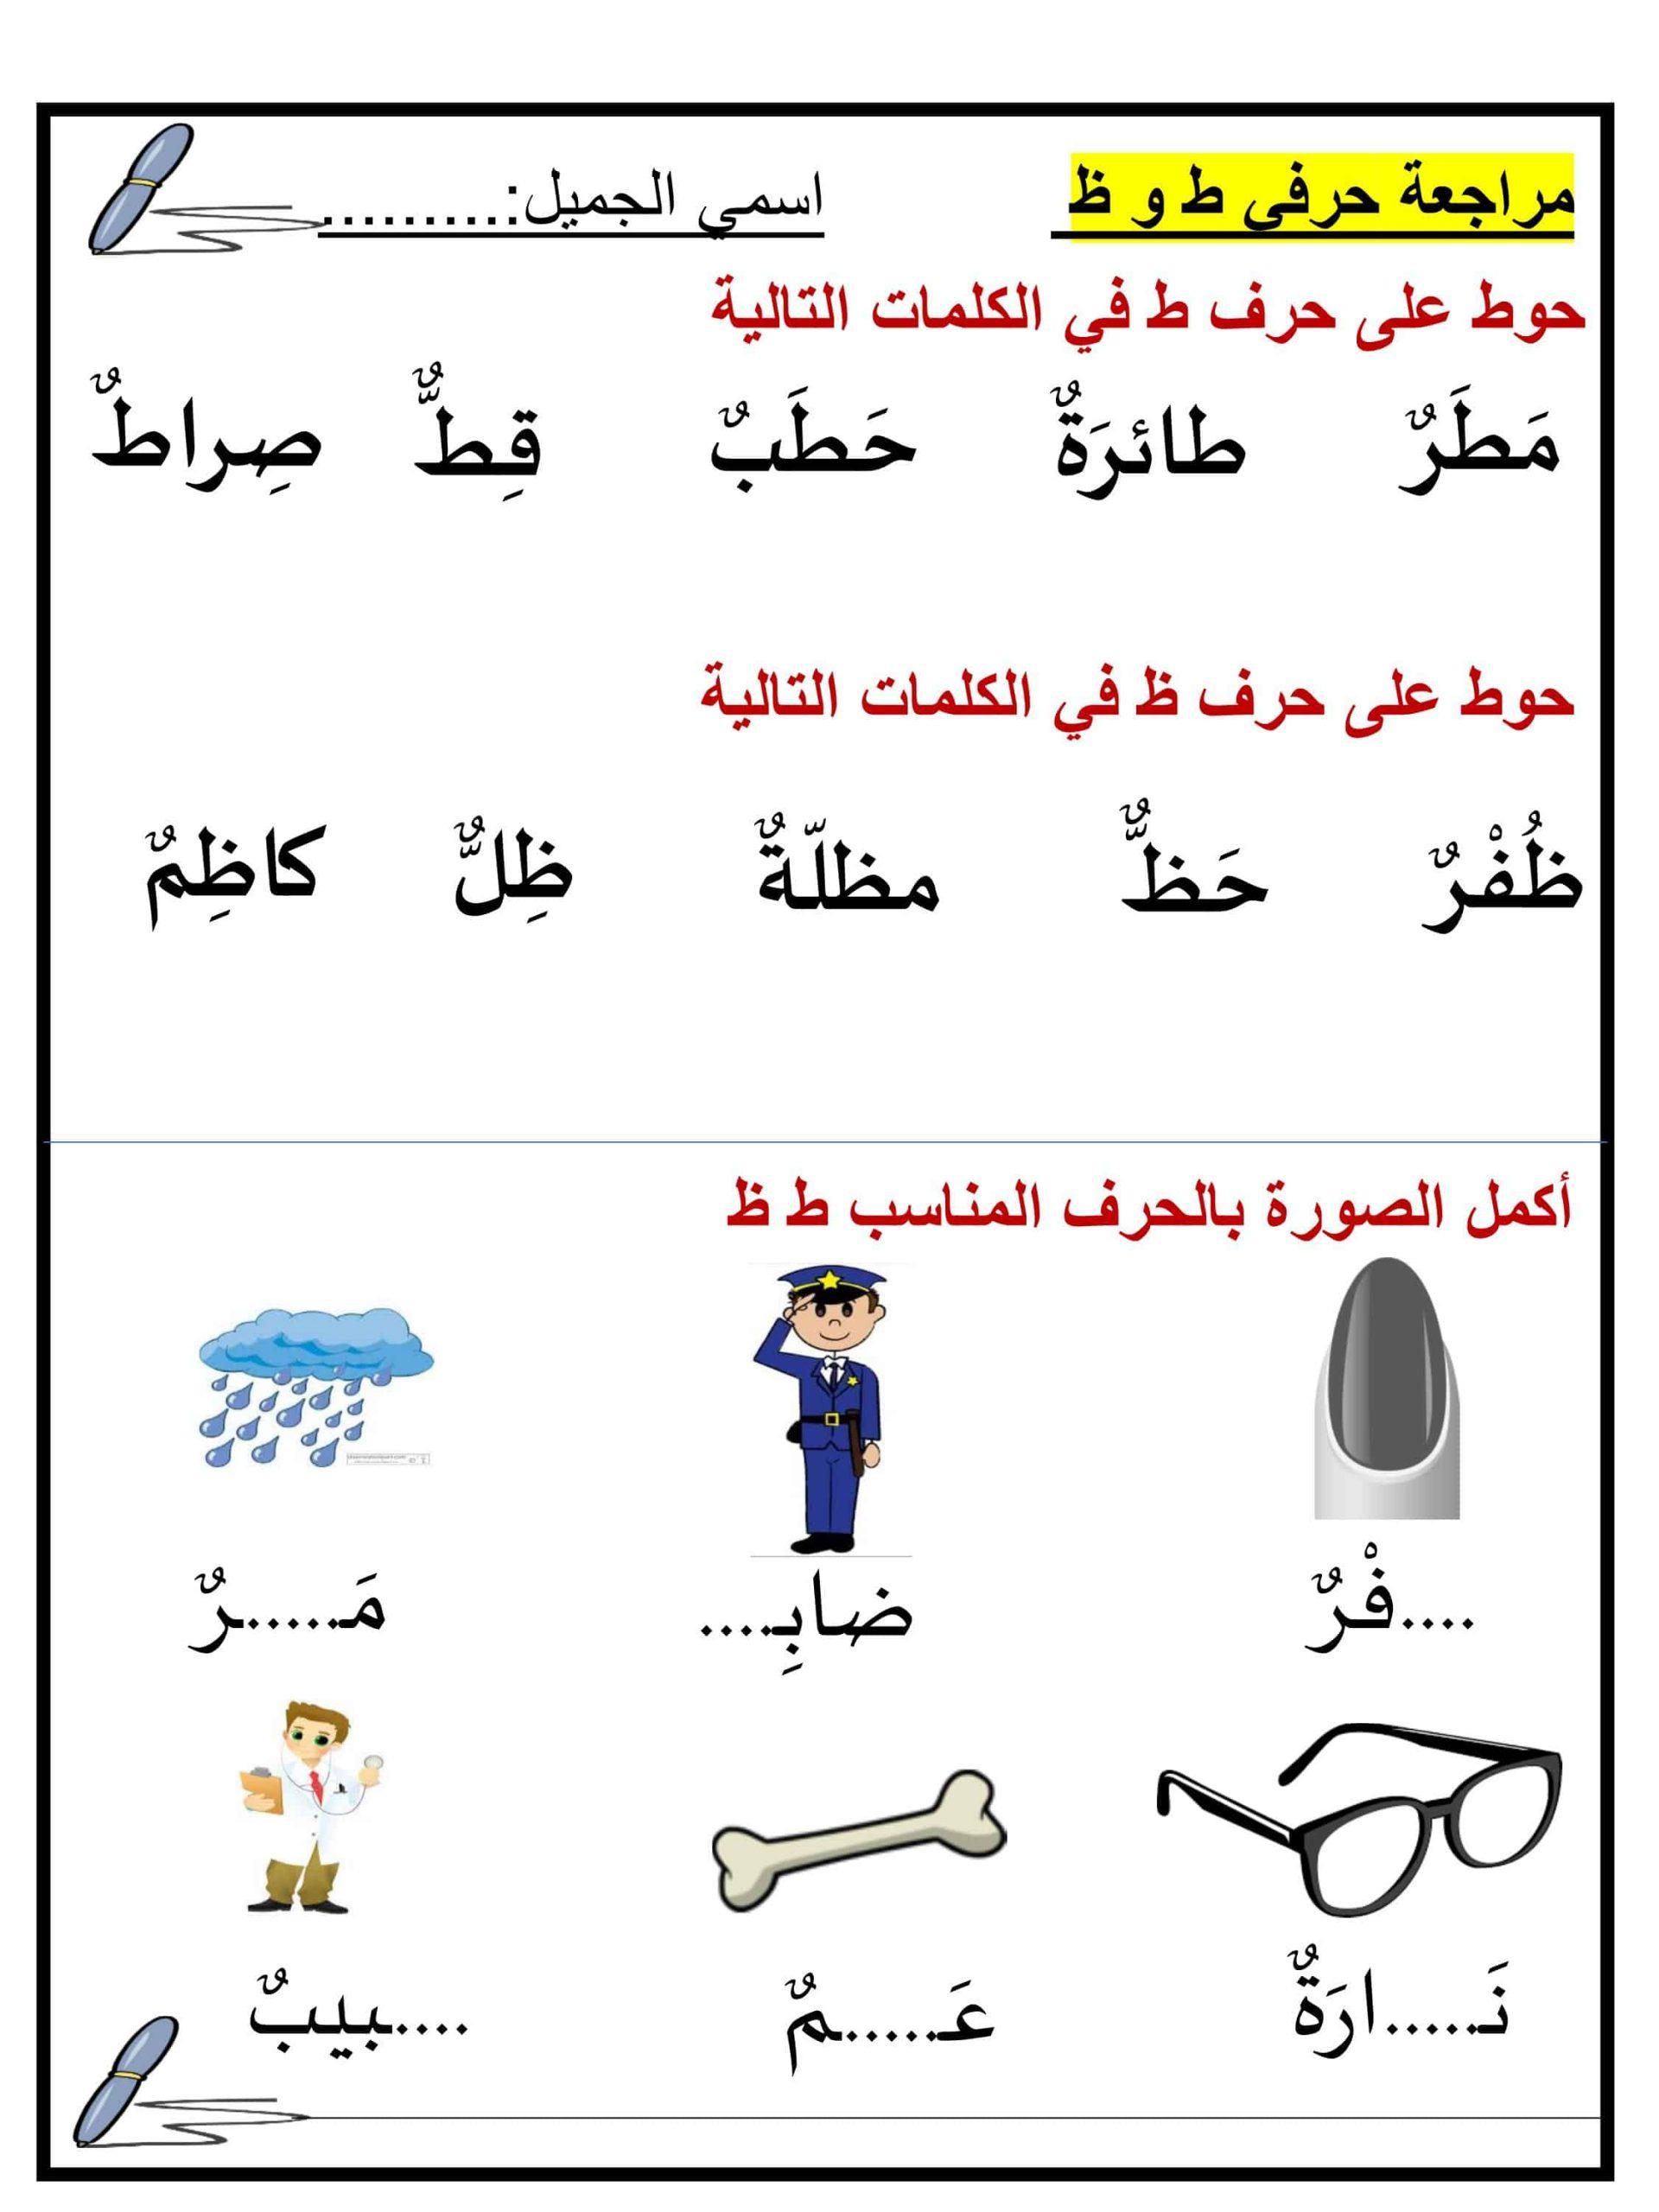 ورقة عمل مراجعة حرفي طاء وظاء الصف الاول مادة اللغة العربية